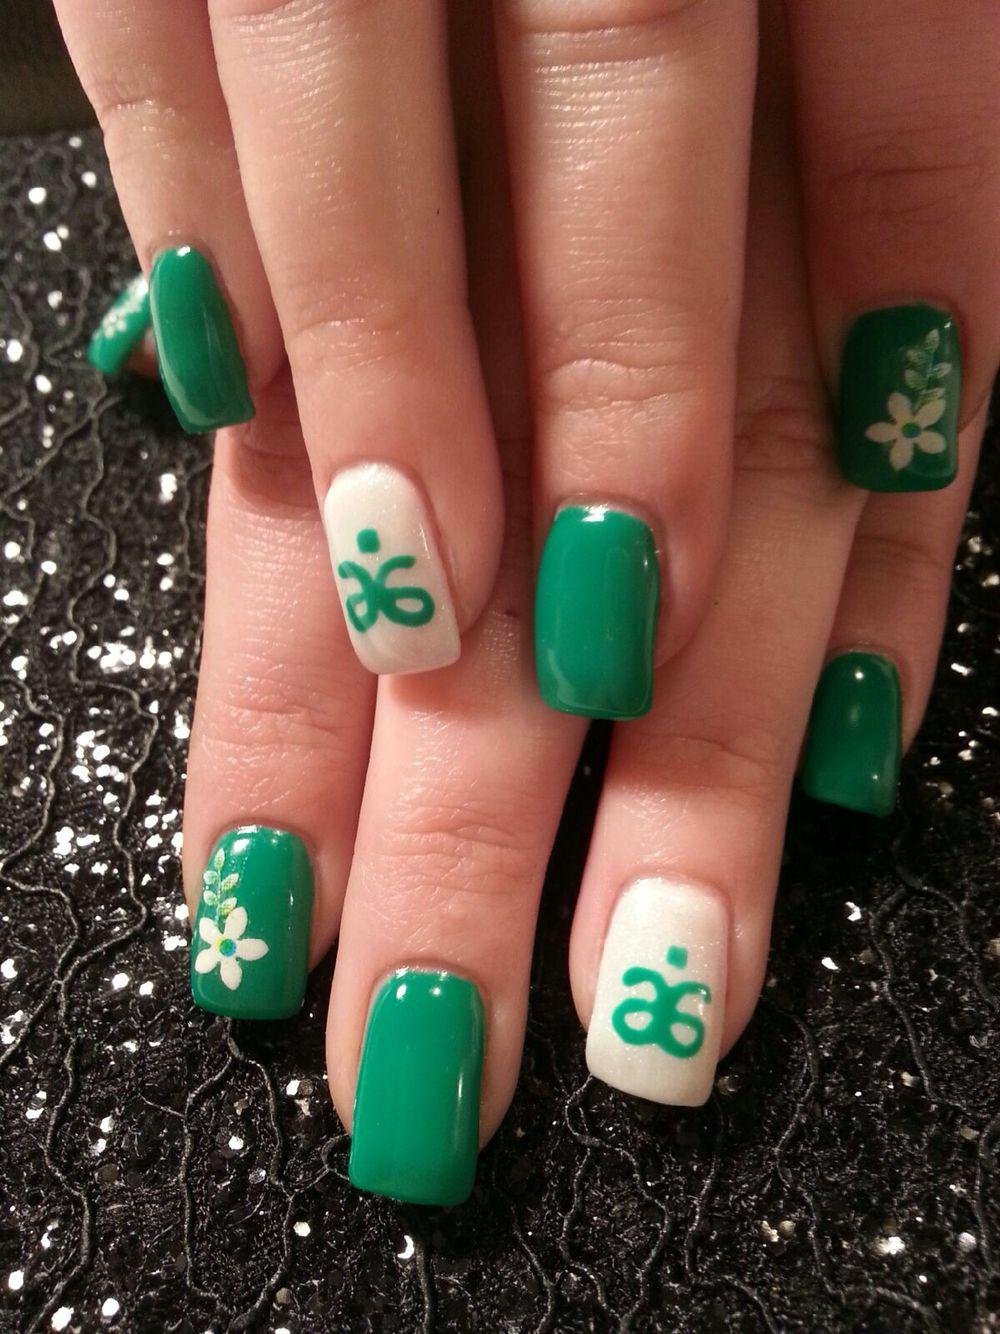 Arbonne gel nails | Arbonne | Pinterest | Arbonne